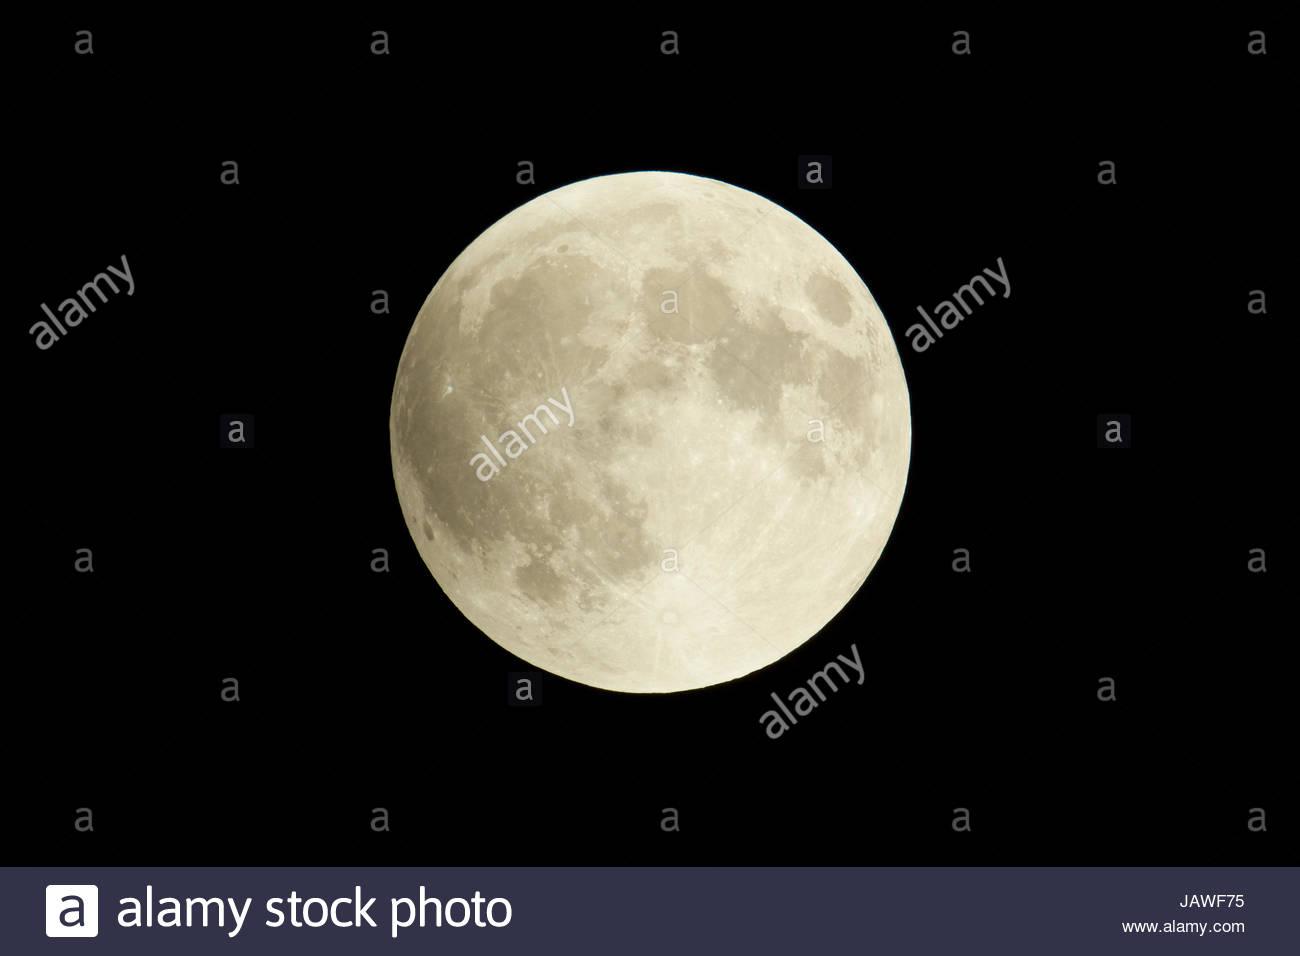 Éclipse lunaire totale du 27 septembre 2015, la lune supermoon à son point le plus proche de la terre Photo Stock